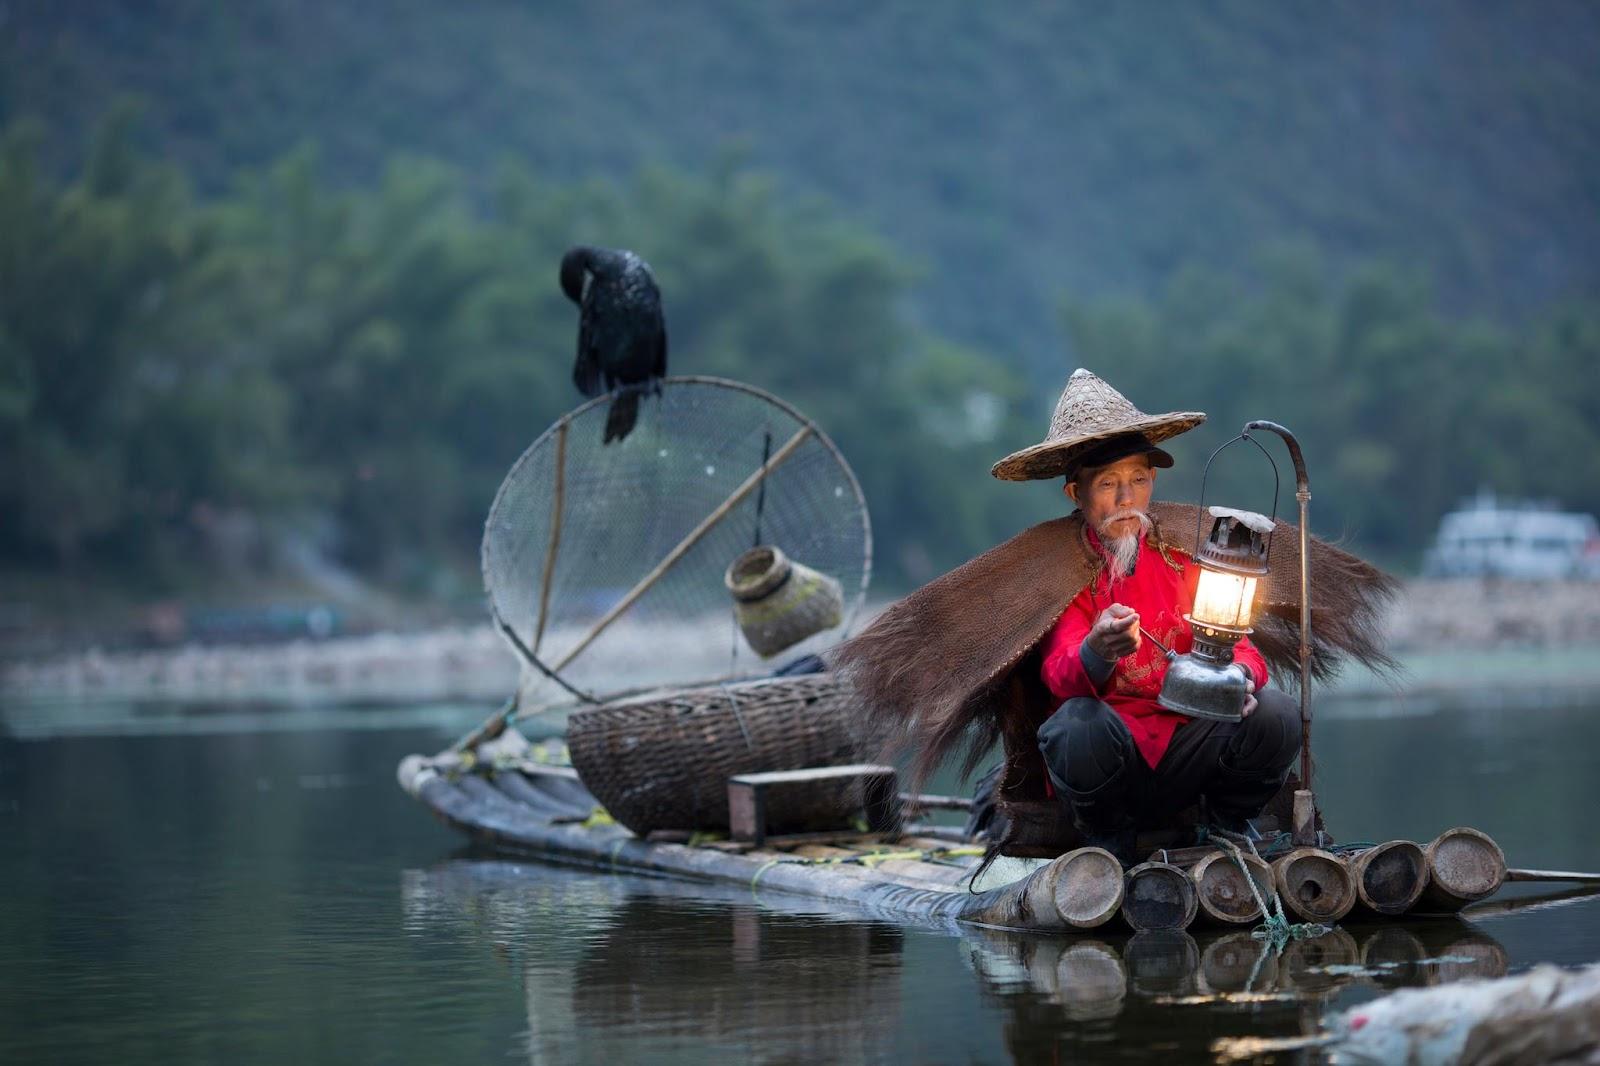 người đàn ông bắt cá với chim cốc trên con sông màu lam chiều nhìn như tranh thủy mặc